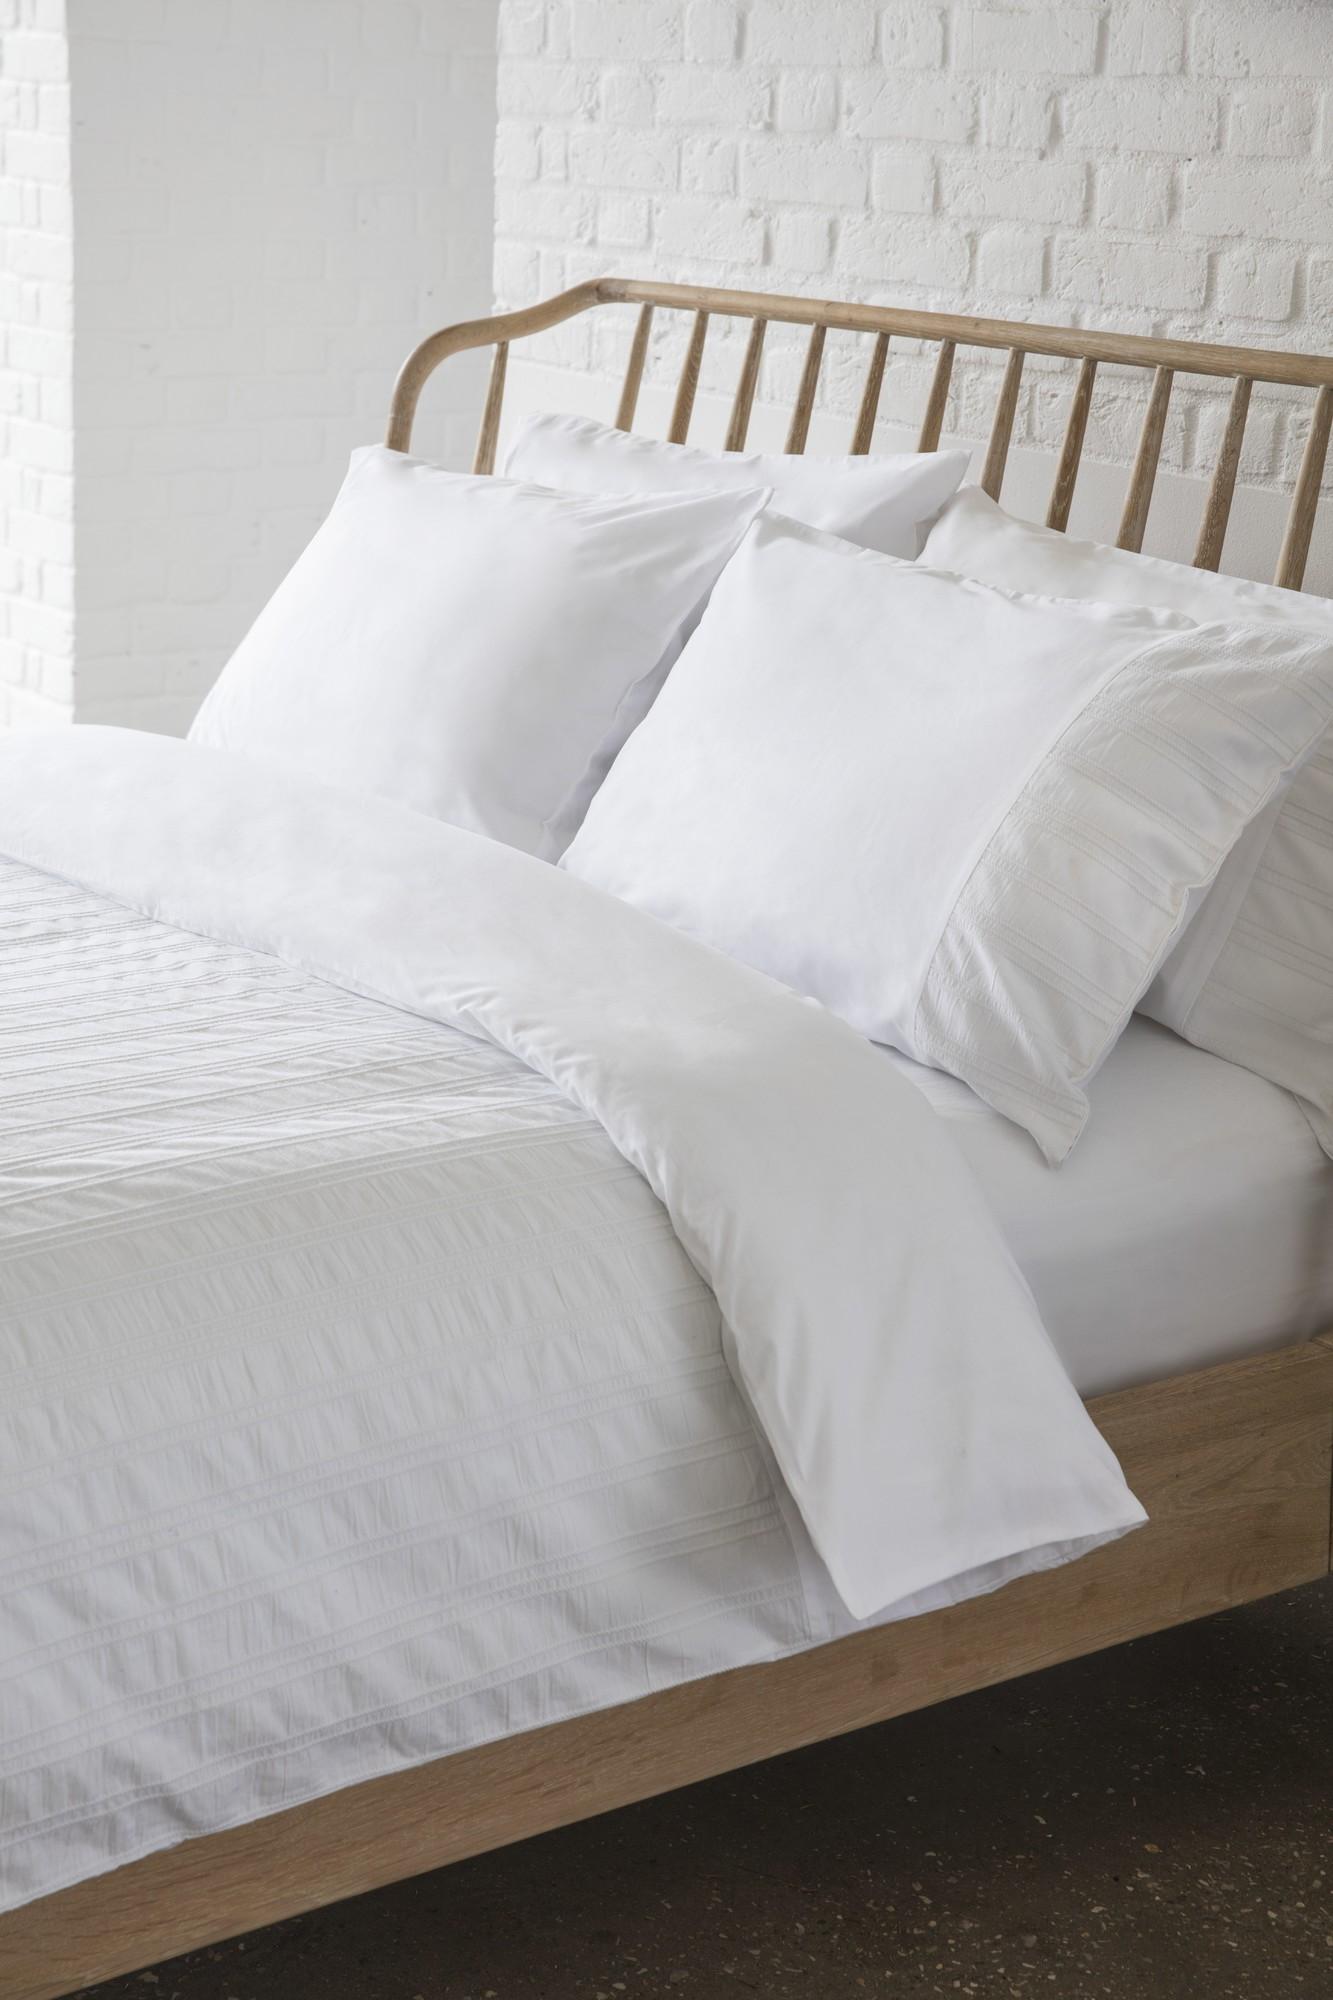 white brandalley duvet seersucker double cover set deyongs